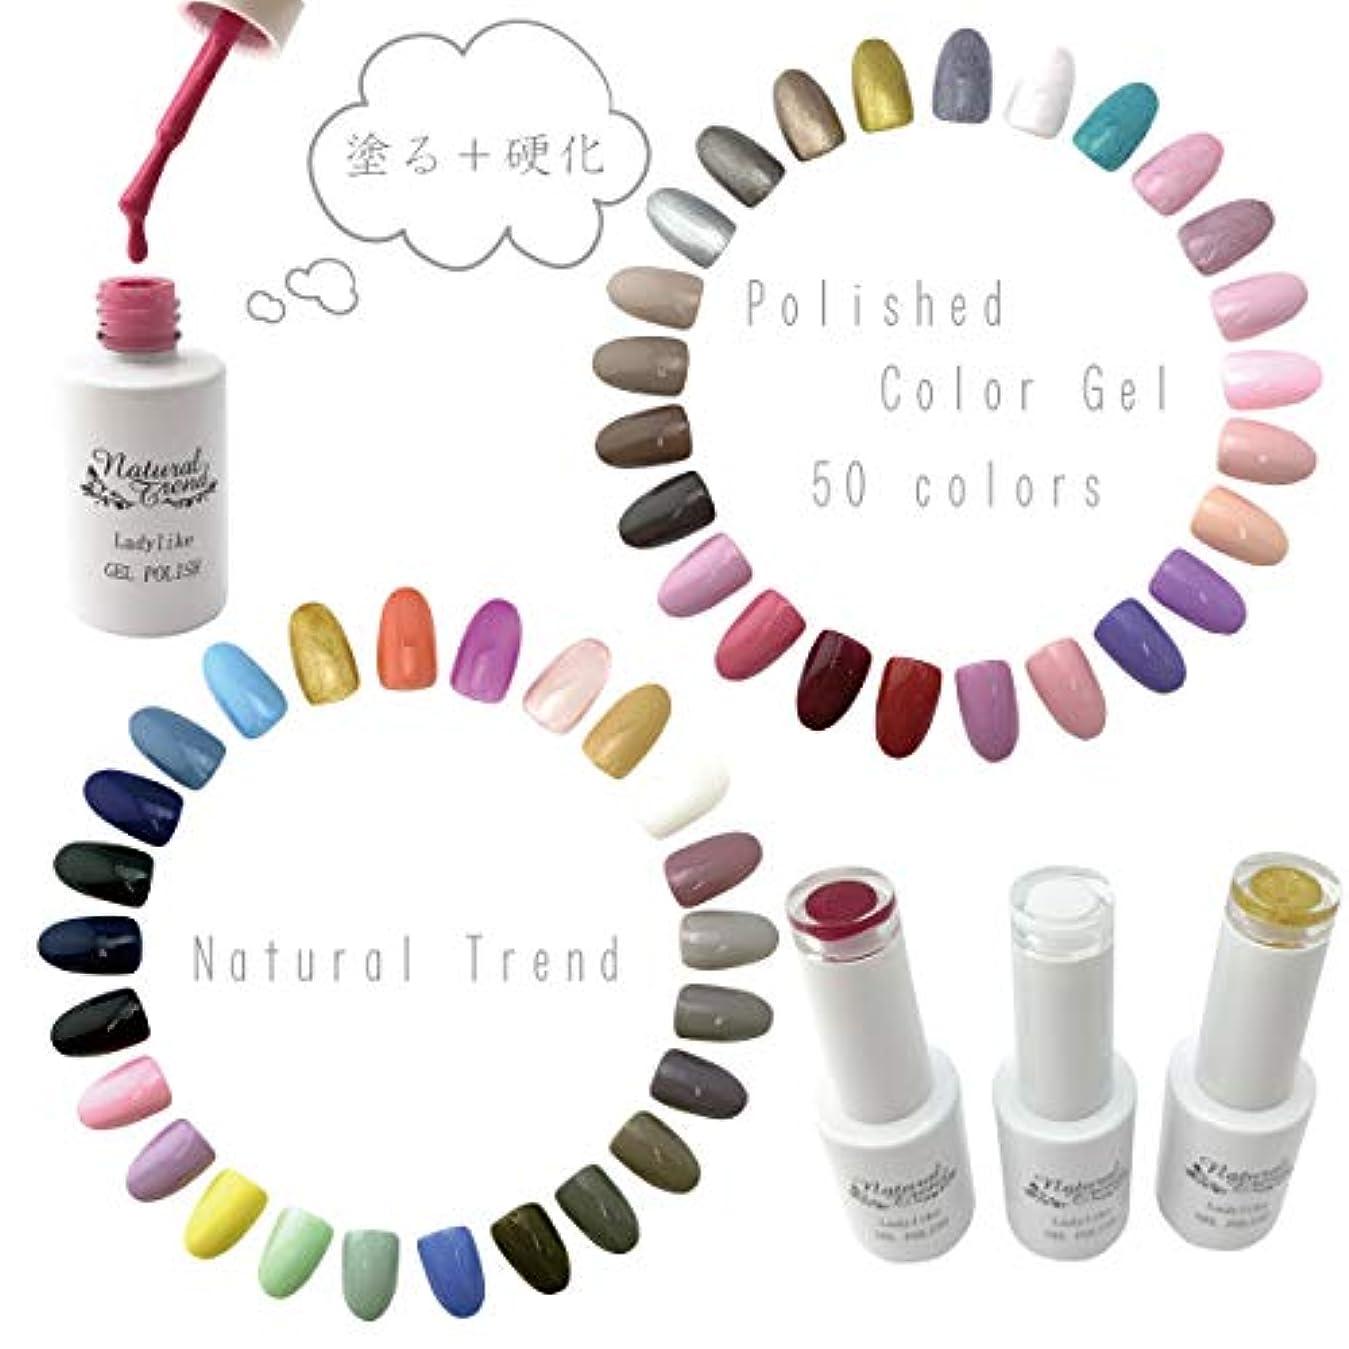 防止パレード少しNaturalTrend ジェルネイル カラー 50色 8ml UV?LED ポリッシュタイプ カラージェル (02, shiny)